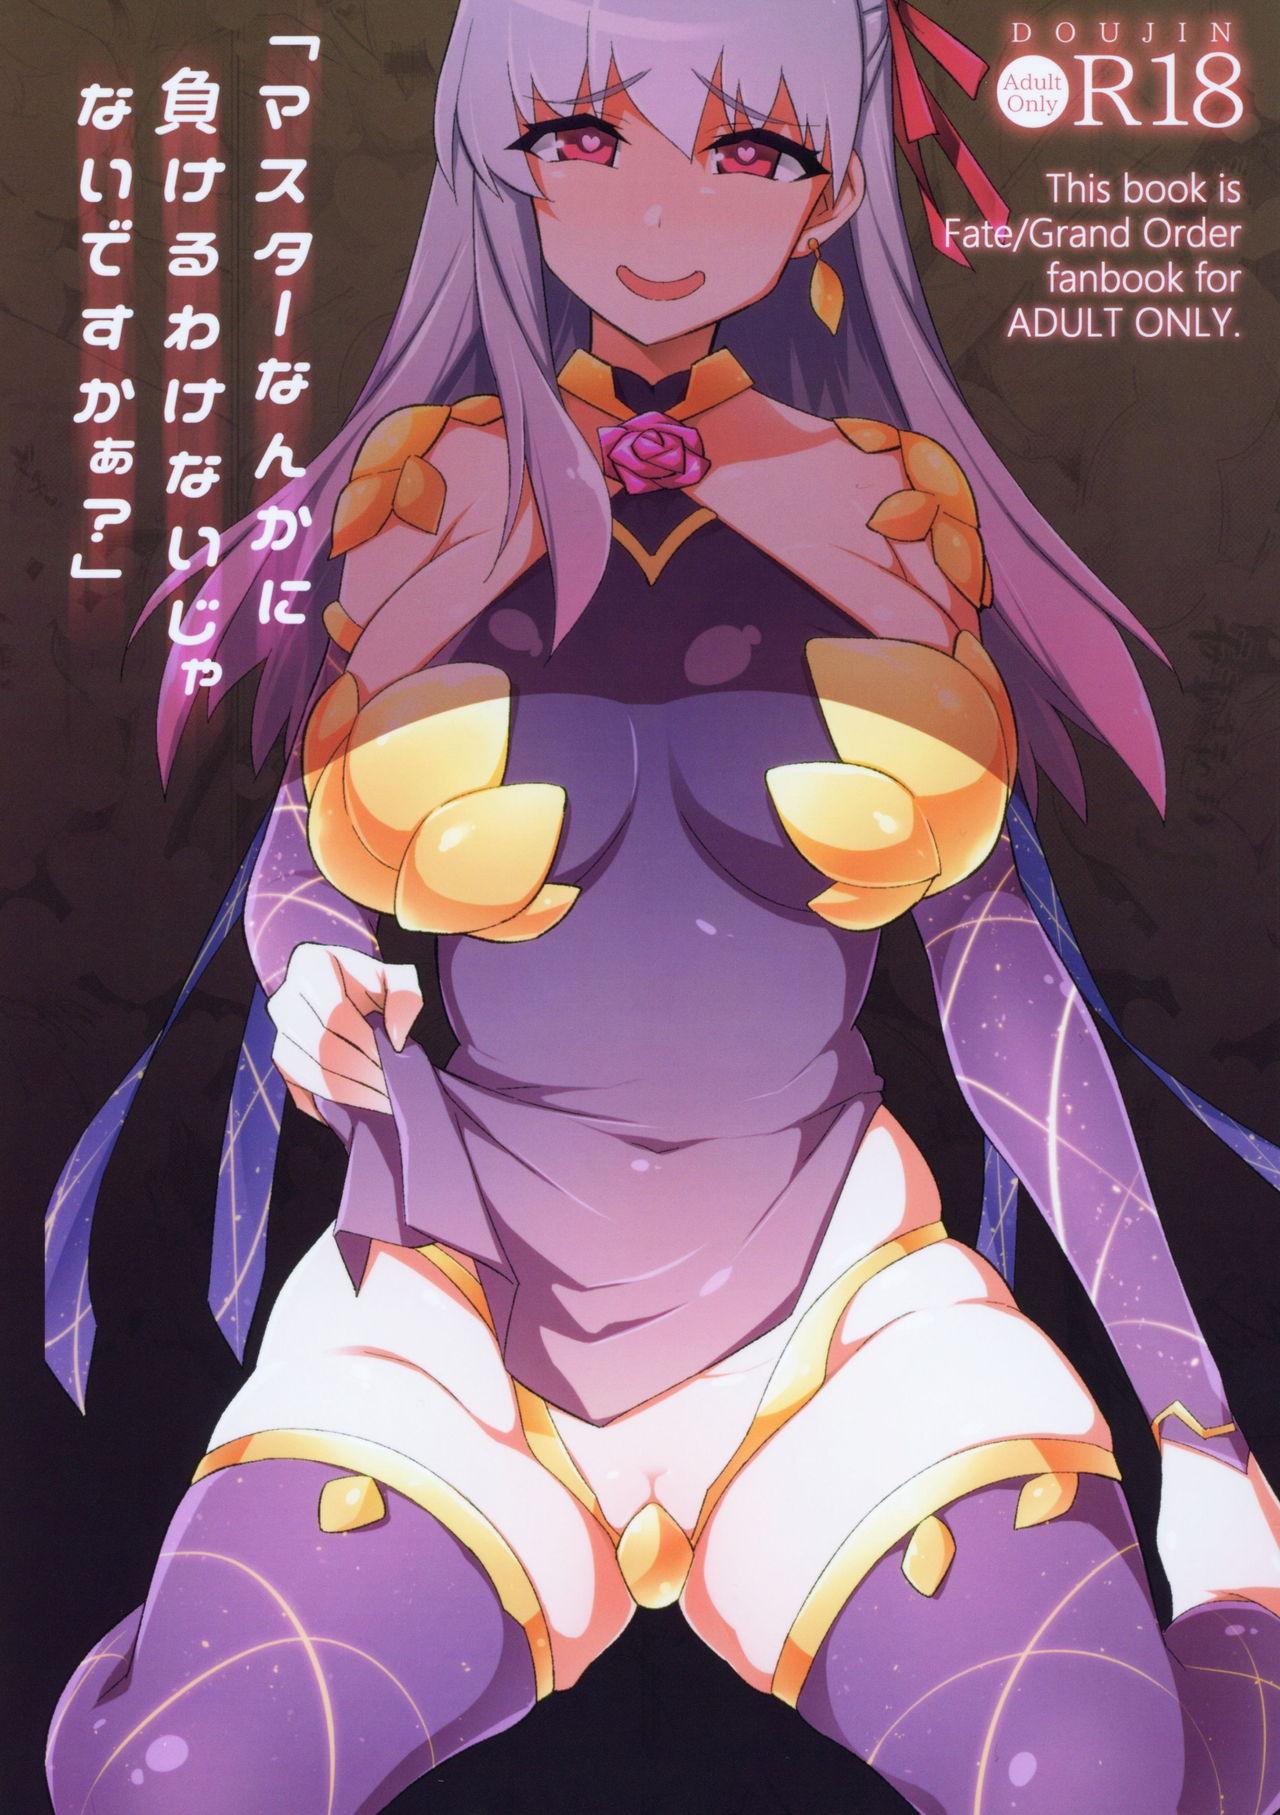 [雪陽炎 (KANZUME)] 「マスターなんかに負けるわけないじゃないですかぁ?」 (Fate/Grand Order) - 情色卡漫 -